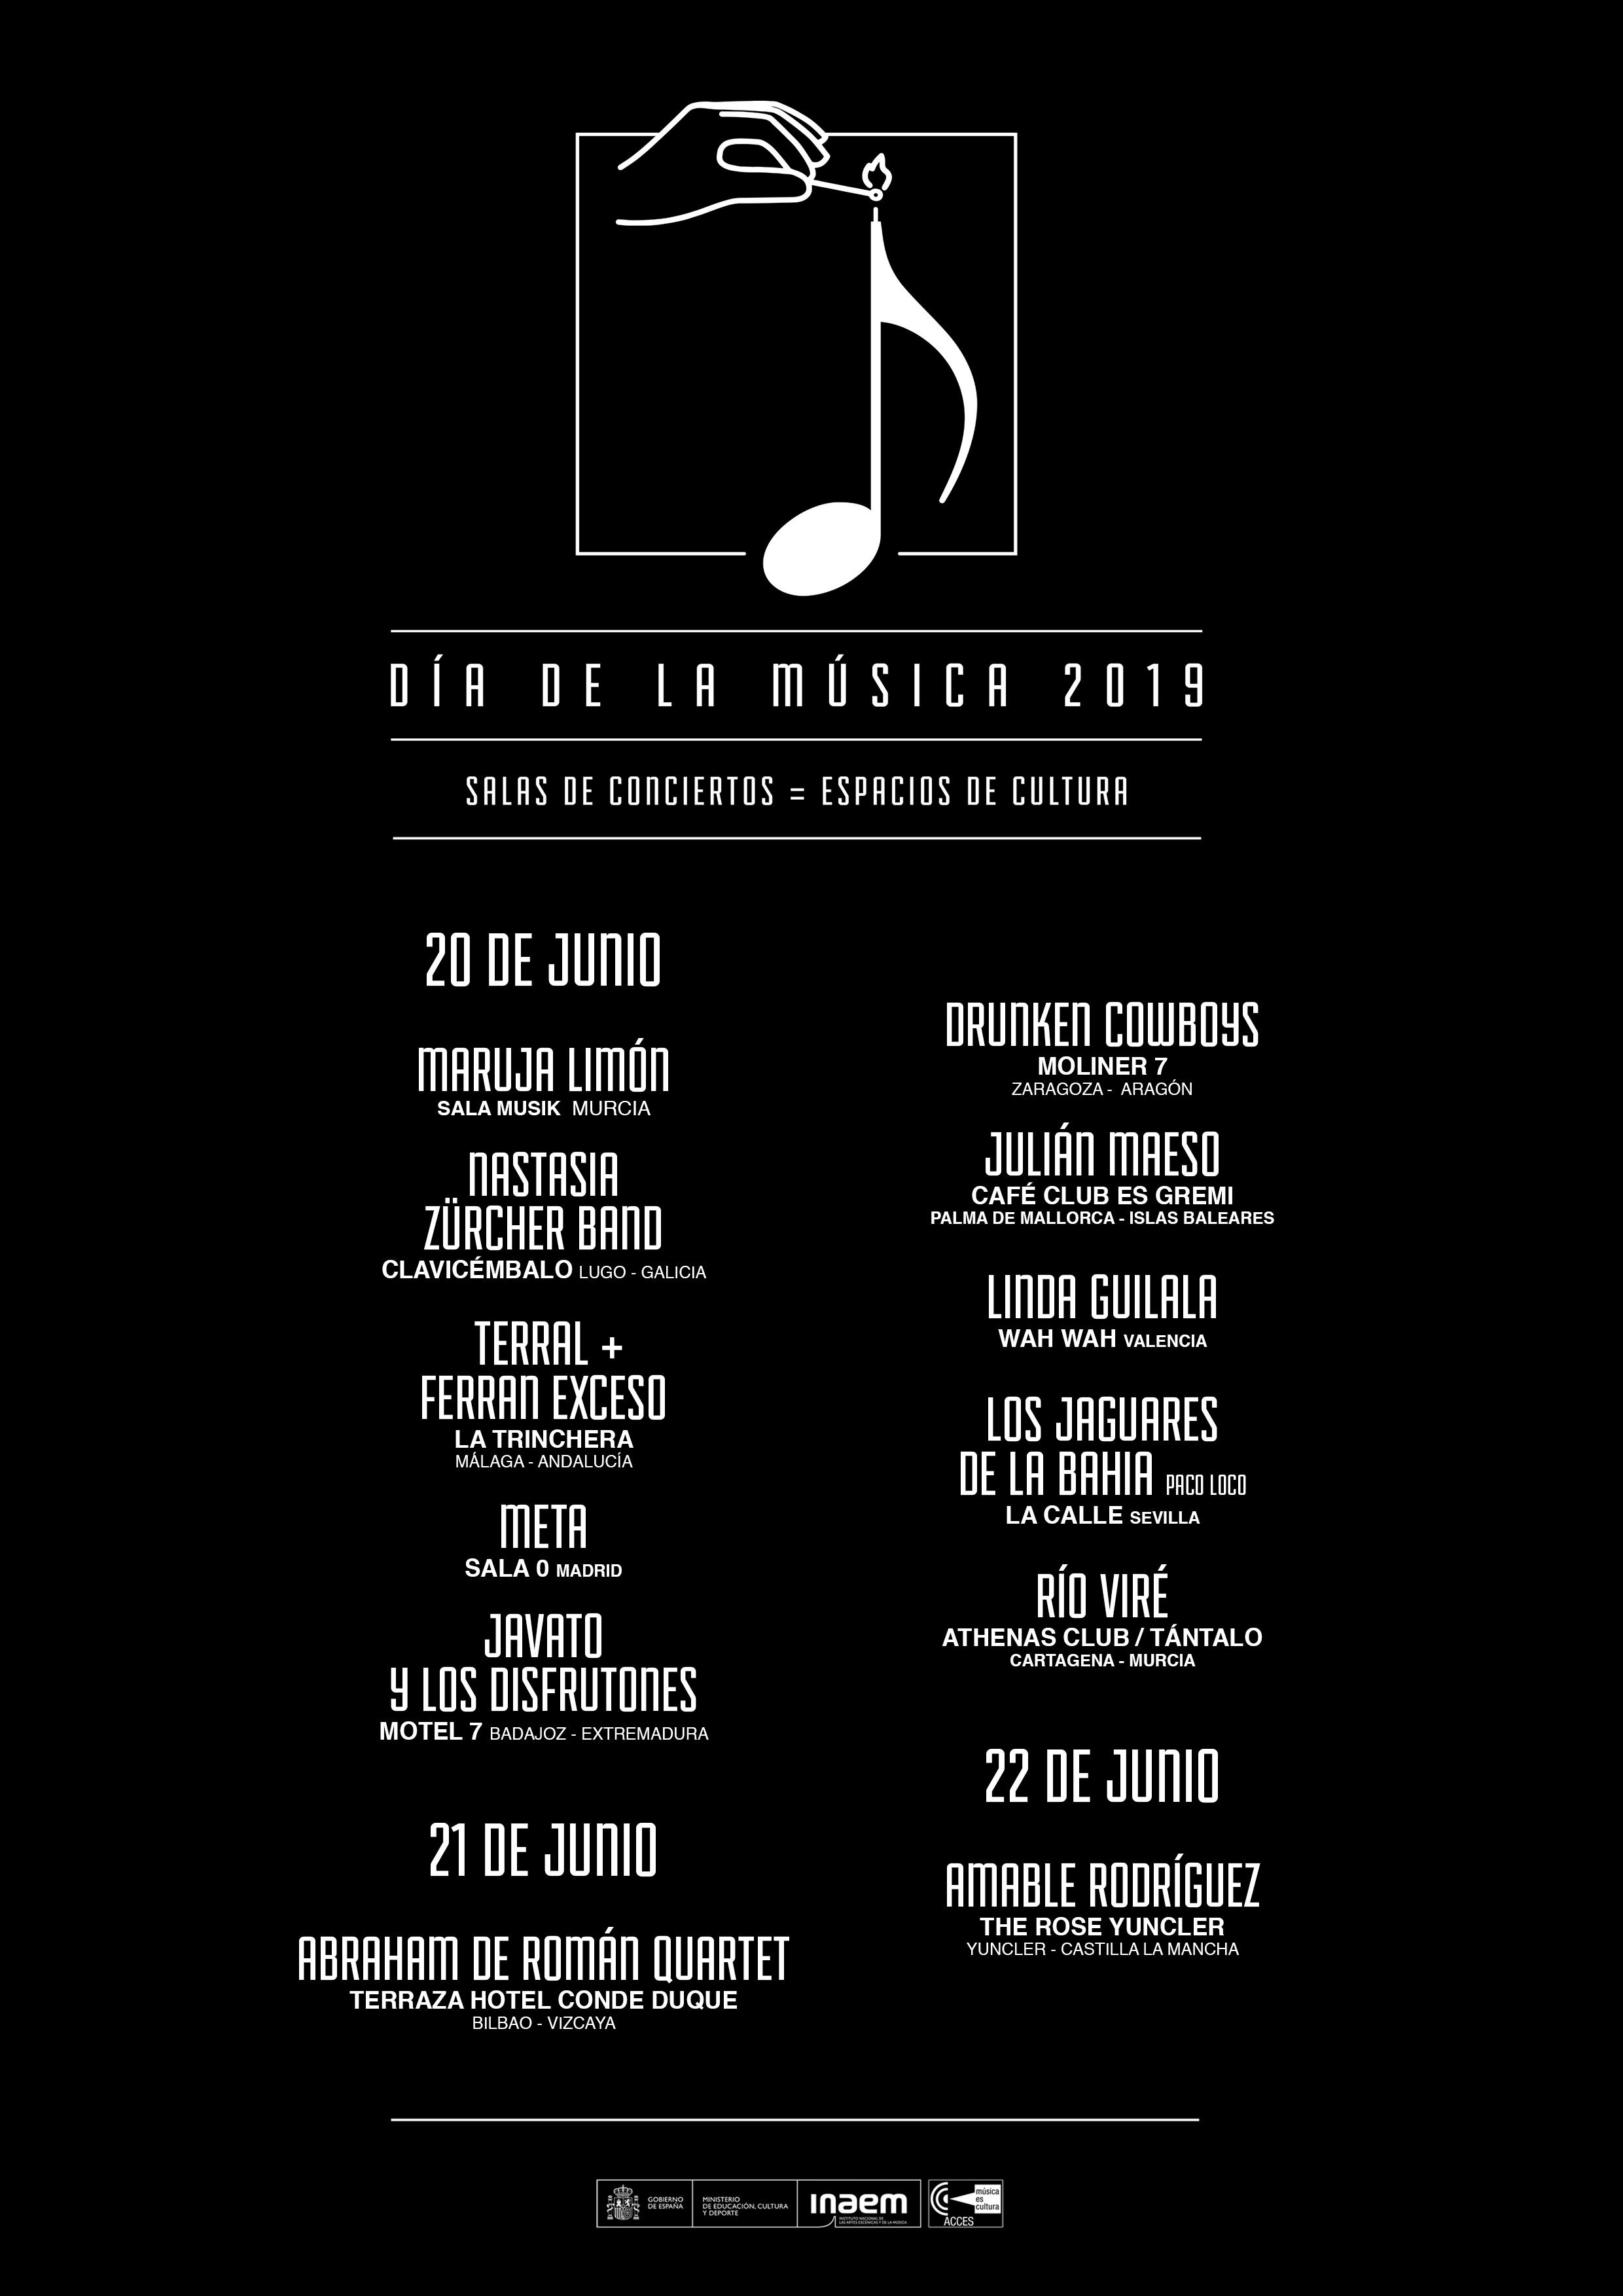 dia_de_la_musical_conciertos2019_ok